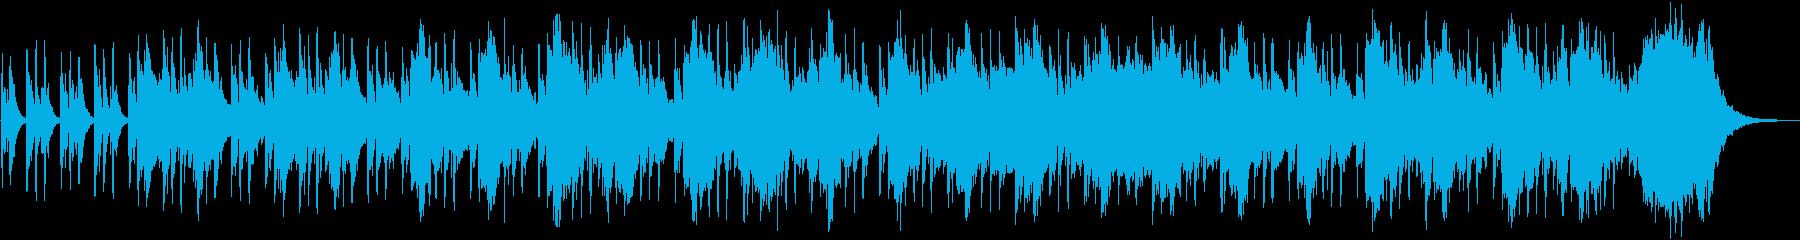 不気味で怪しげなオーケストラ曲の再生済みの波形